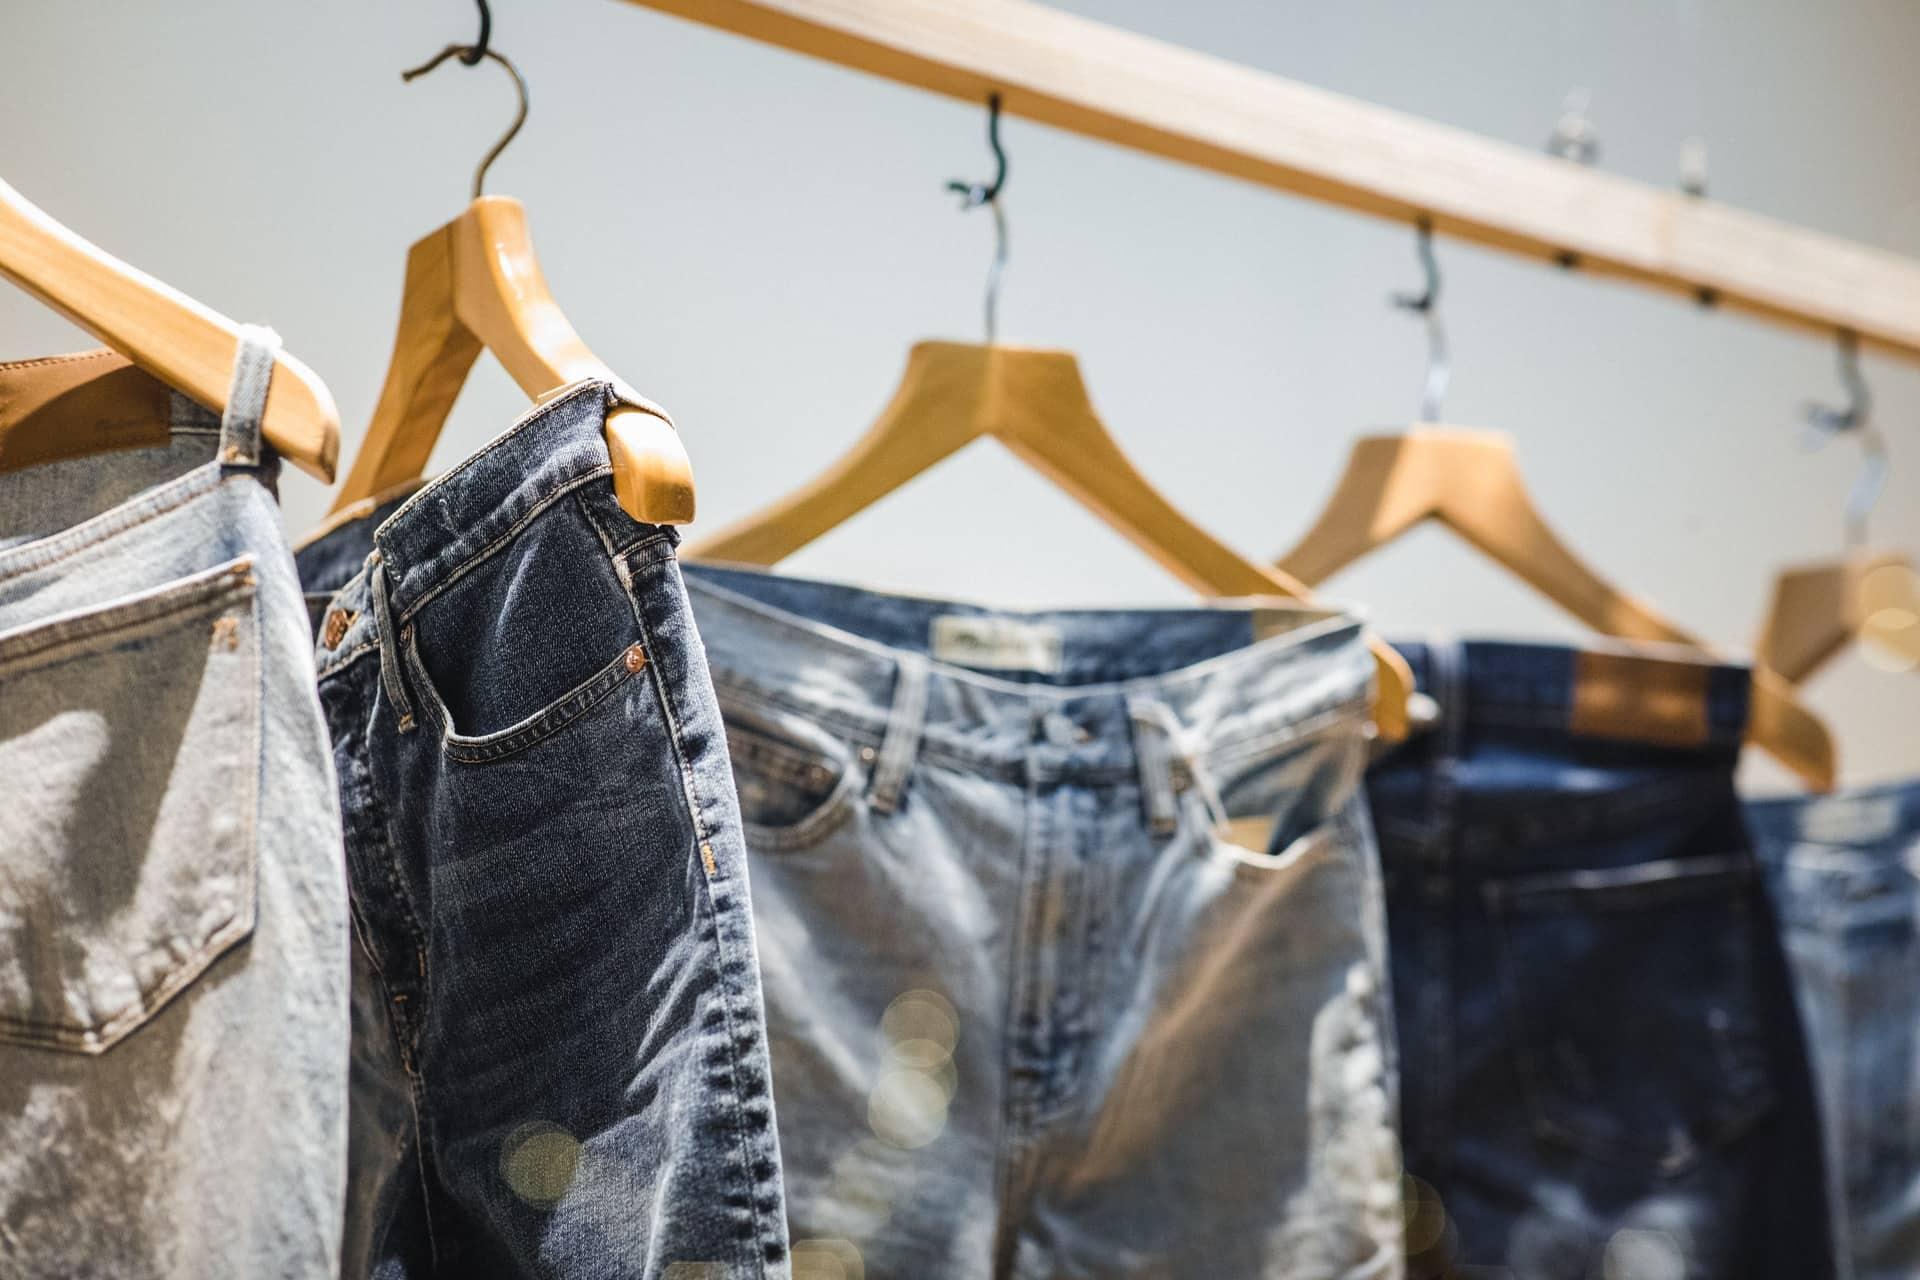 Fünf Jeans hängen an einer Stange in einem Laden.